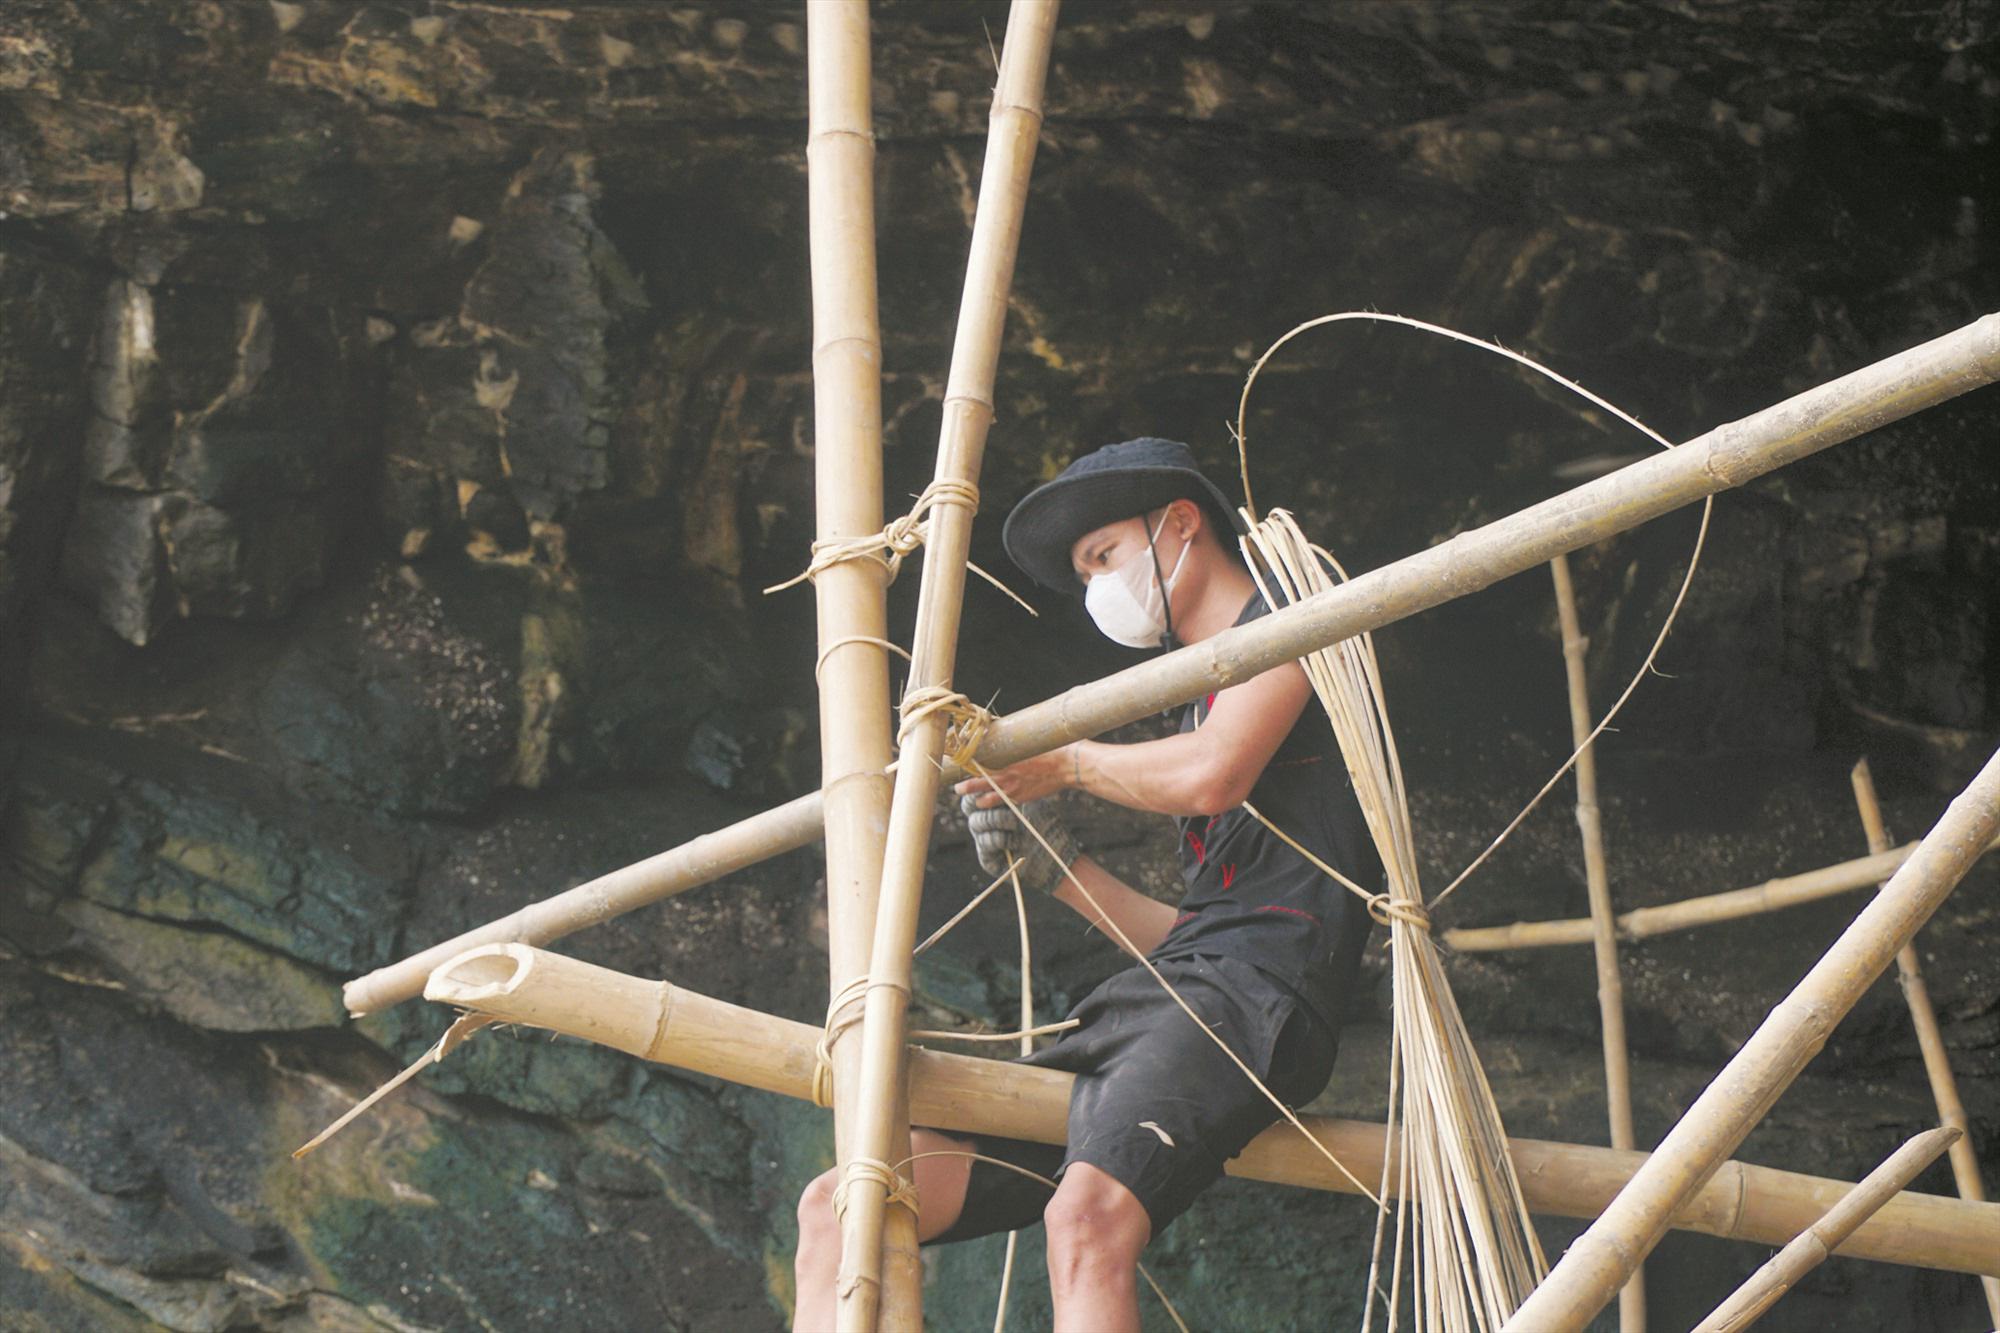 Quảng Nam: Sống đời cheo leo vách núi chăm chim tiền tỷ ở biển Cù Lao Chàm - Ảnh 1.